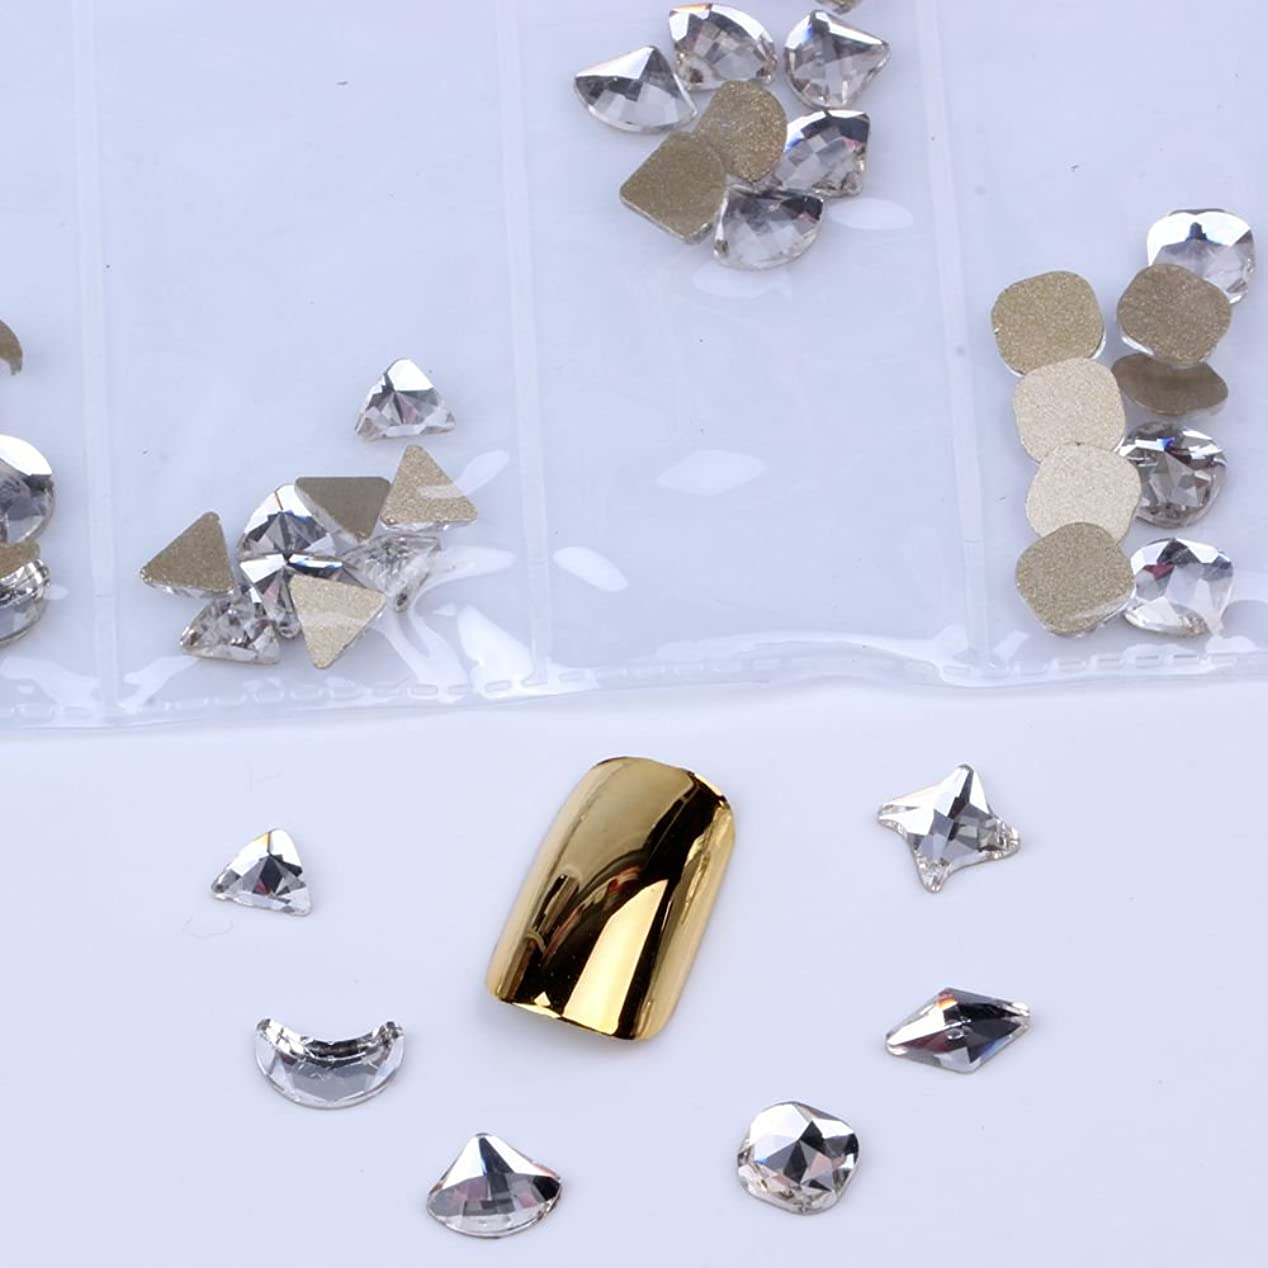 知覚栄光の薬局混在6形60pcs / bagガラスネイルアートラインストーンフラットバックネイルステッカーDIYクラフトアート3Dジュエリー衣類装飾宝石